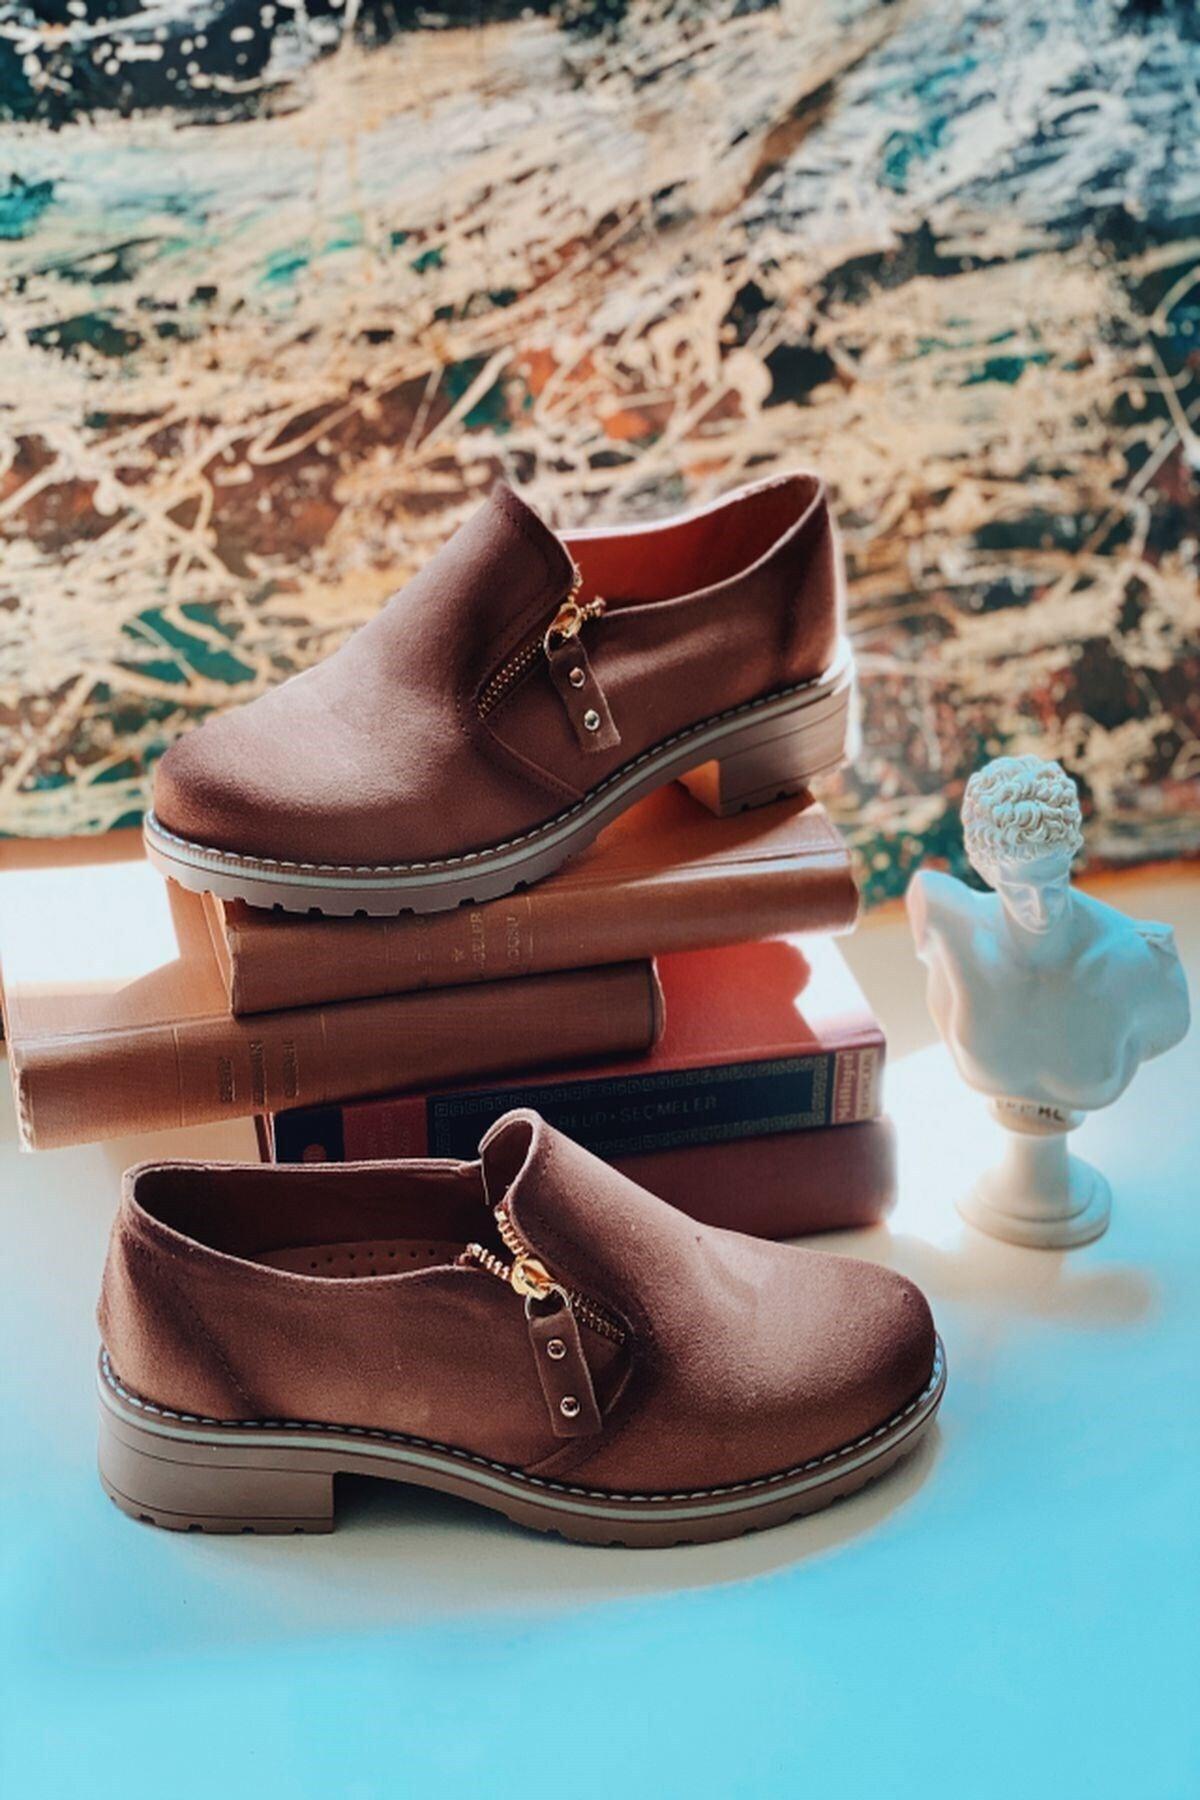 Arma Shoes Kadın Fermuarlı Süet Ayakkabı 2